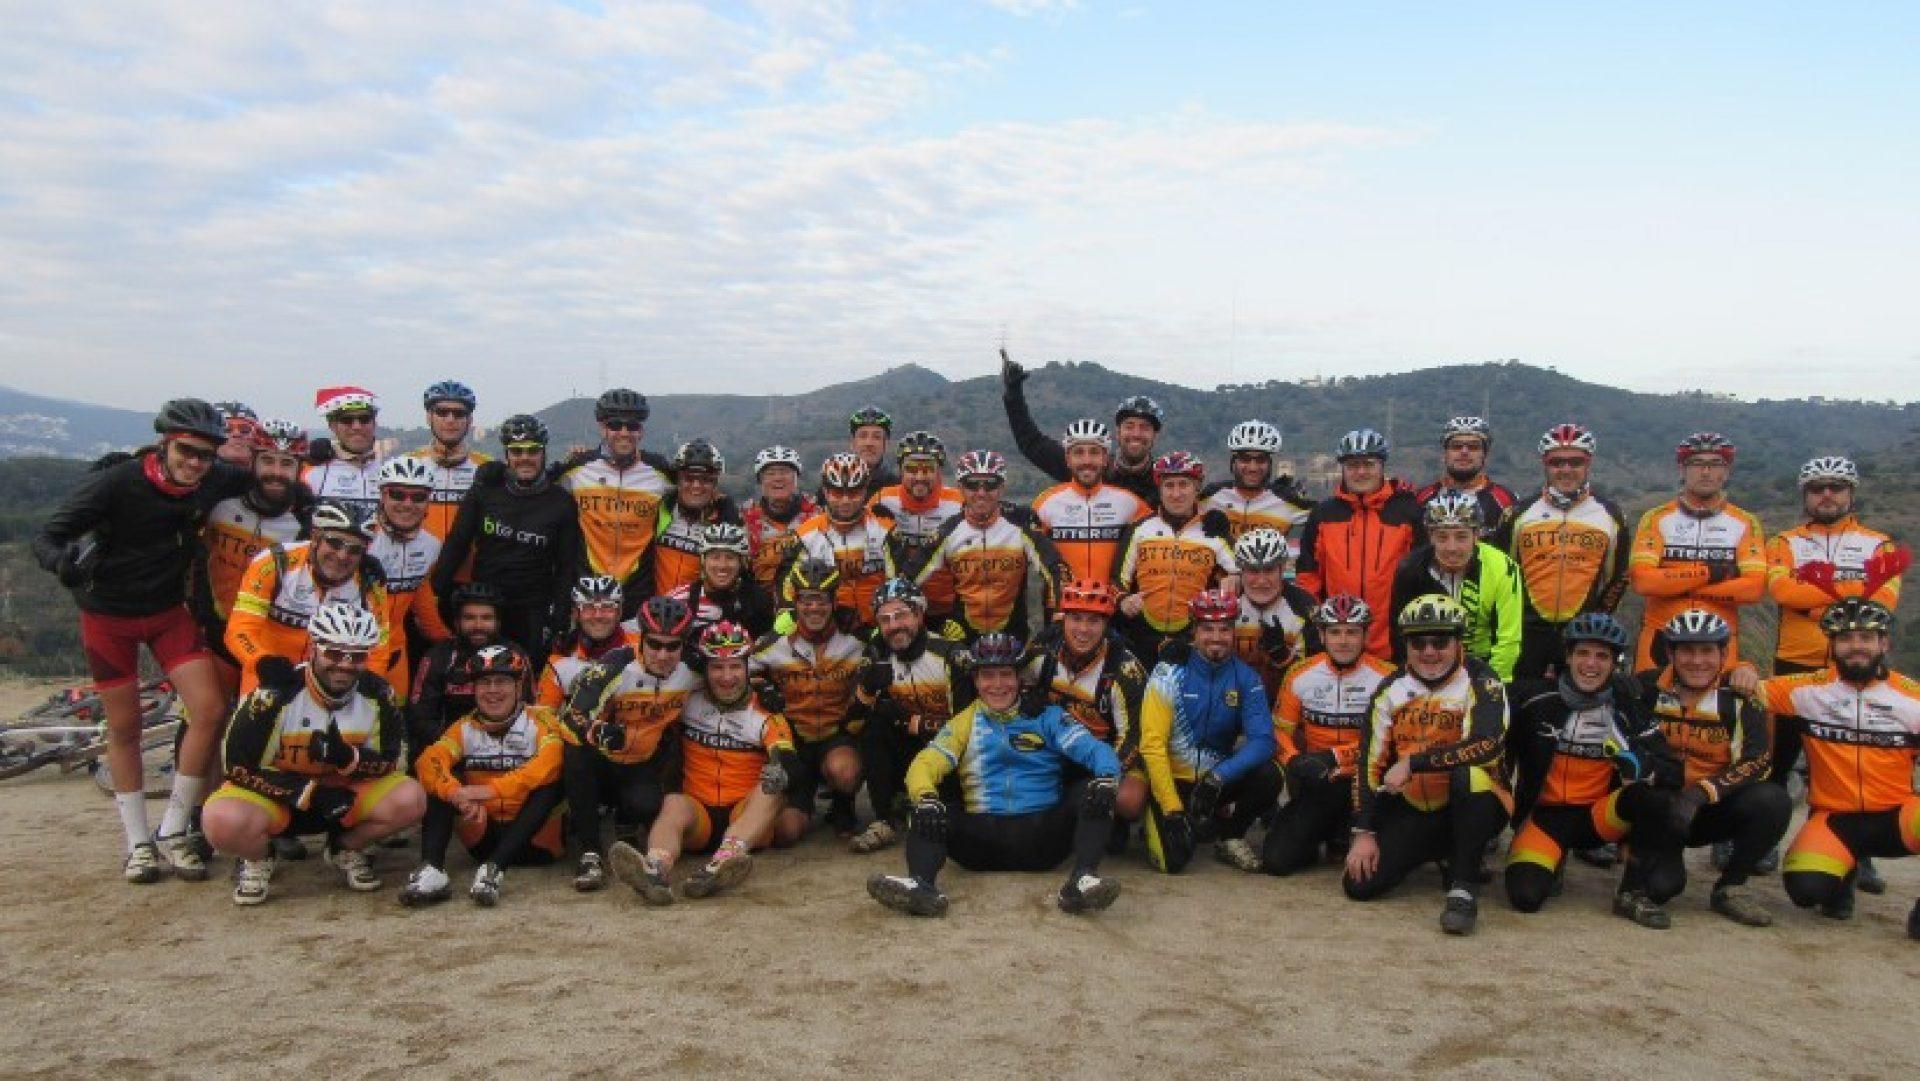 Club Ciclista BTTeros